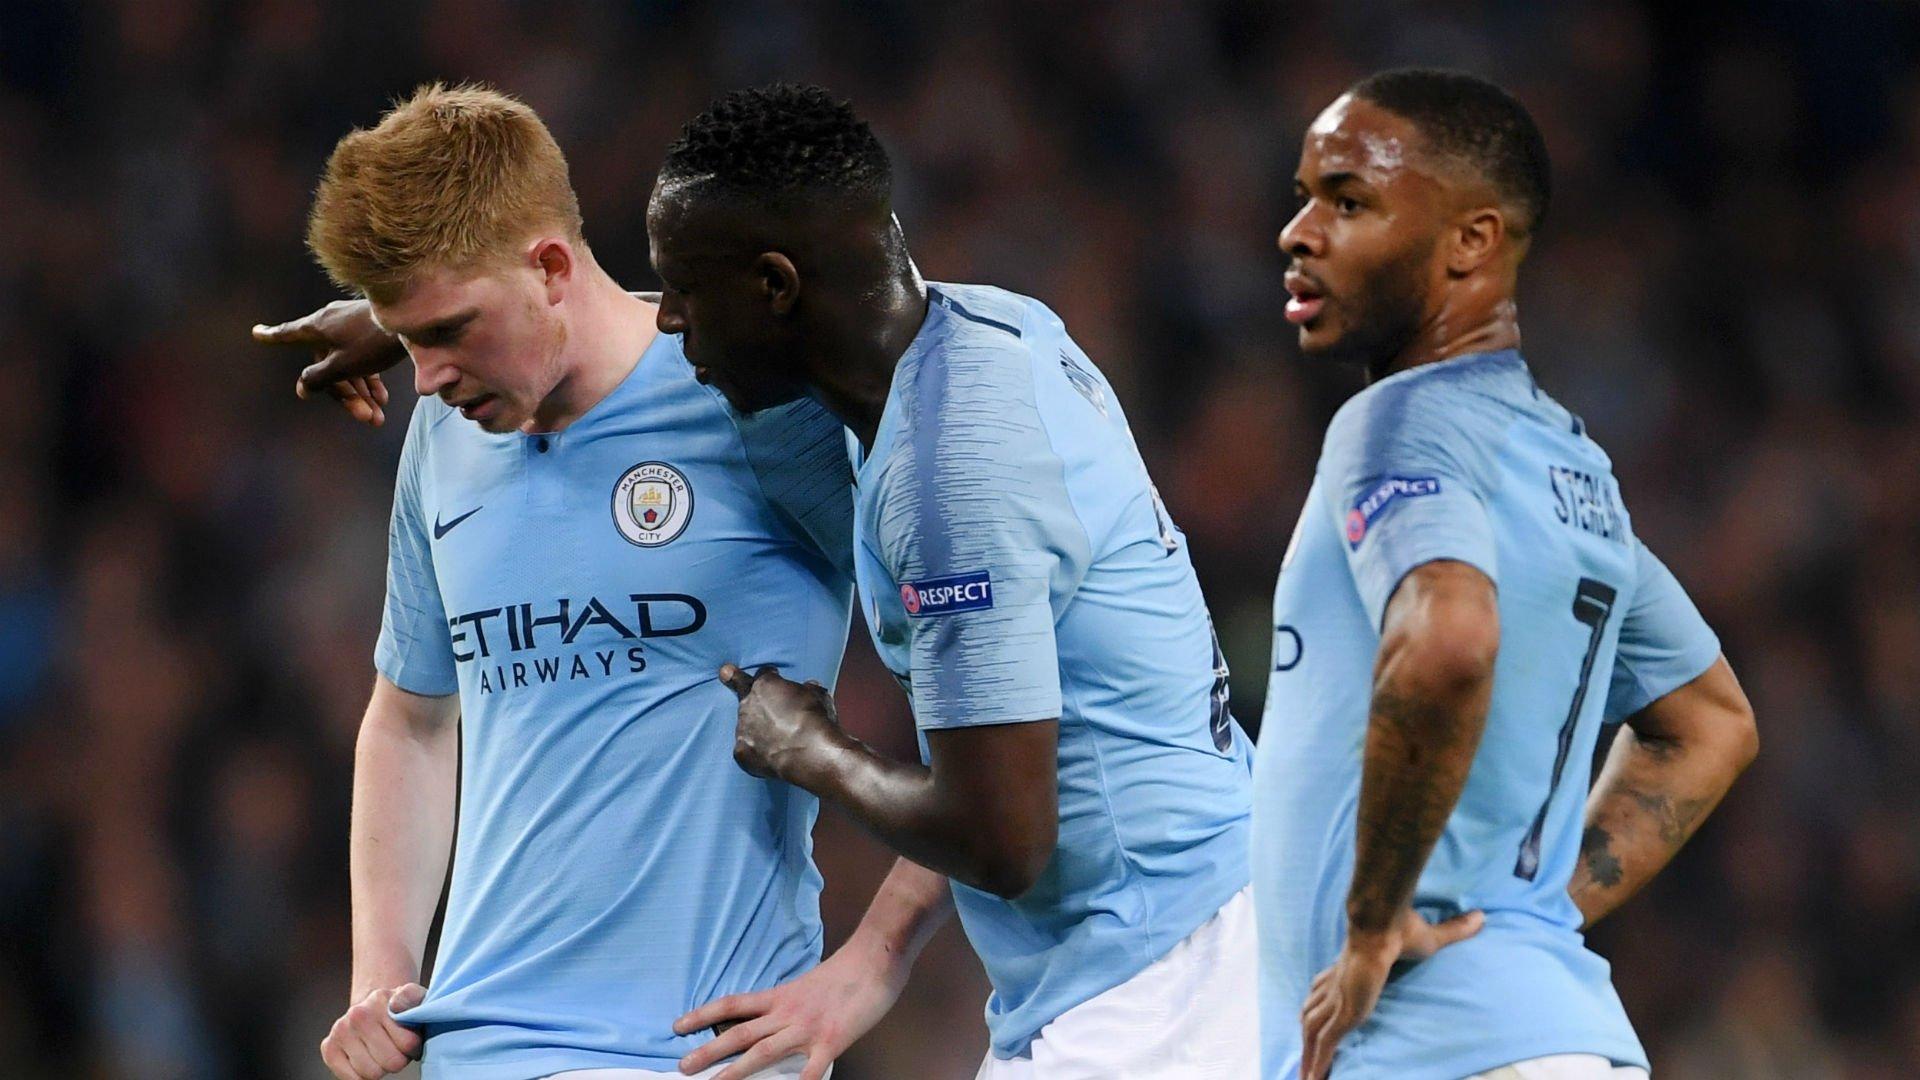 Man City chính thức bị cấm dự Champions League 2 mùa, phạt 30 triệu euro 1